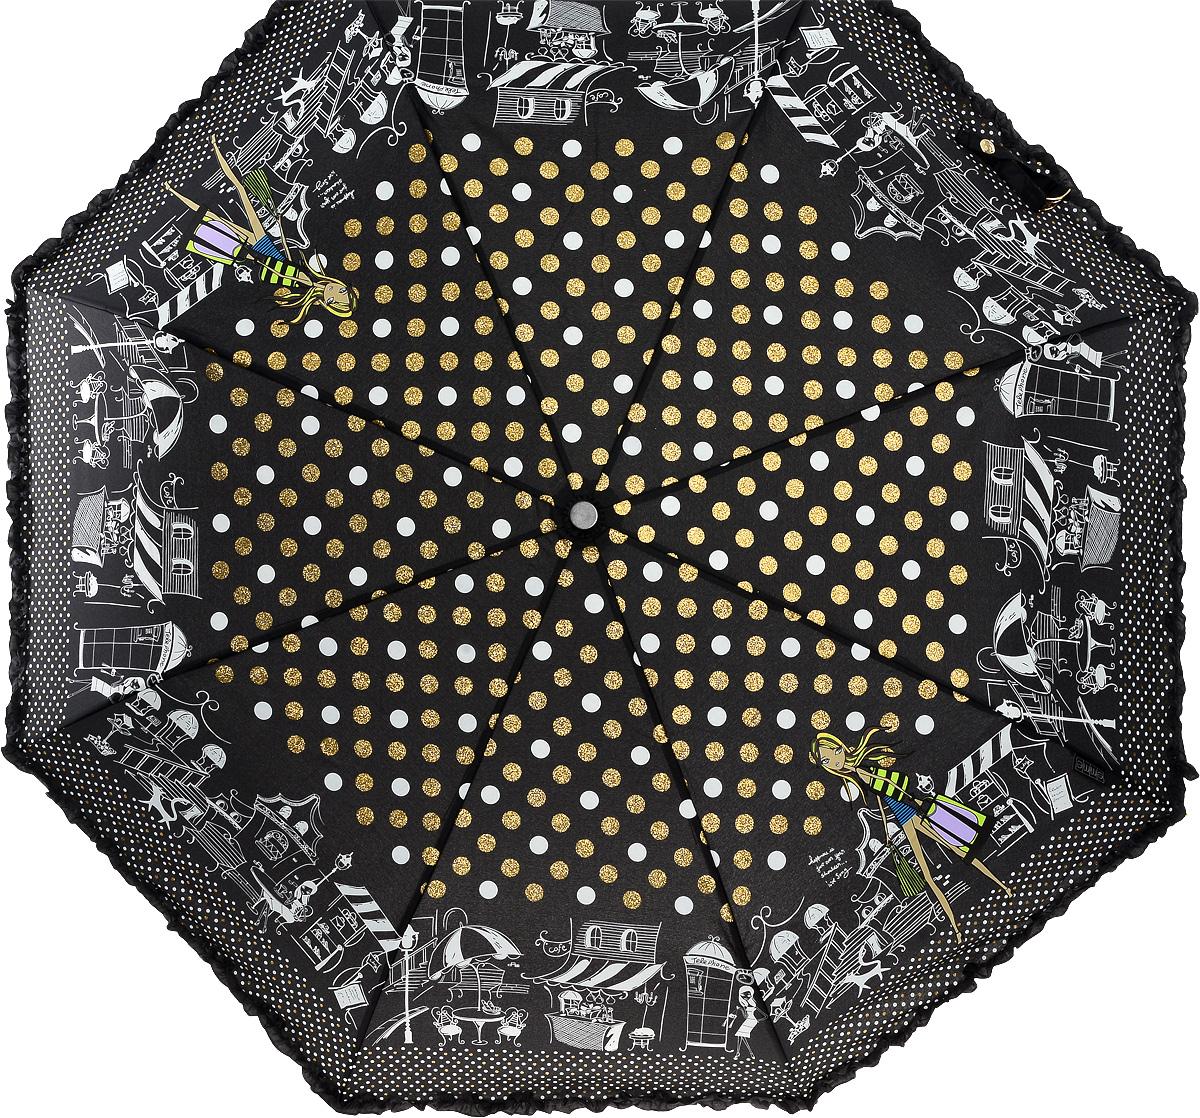 Зонт женский Emme, автомат, 3 сложения, цвет: черный, белый. Е/421A-ОС/Black